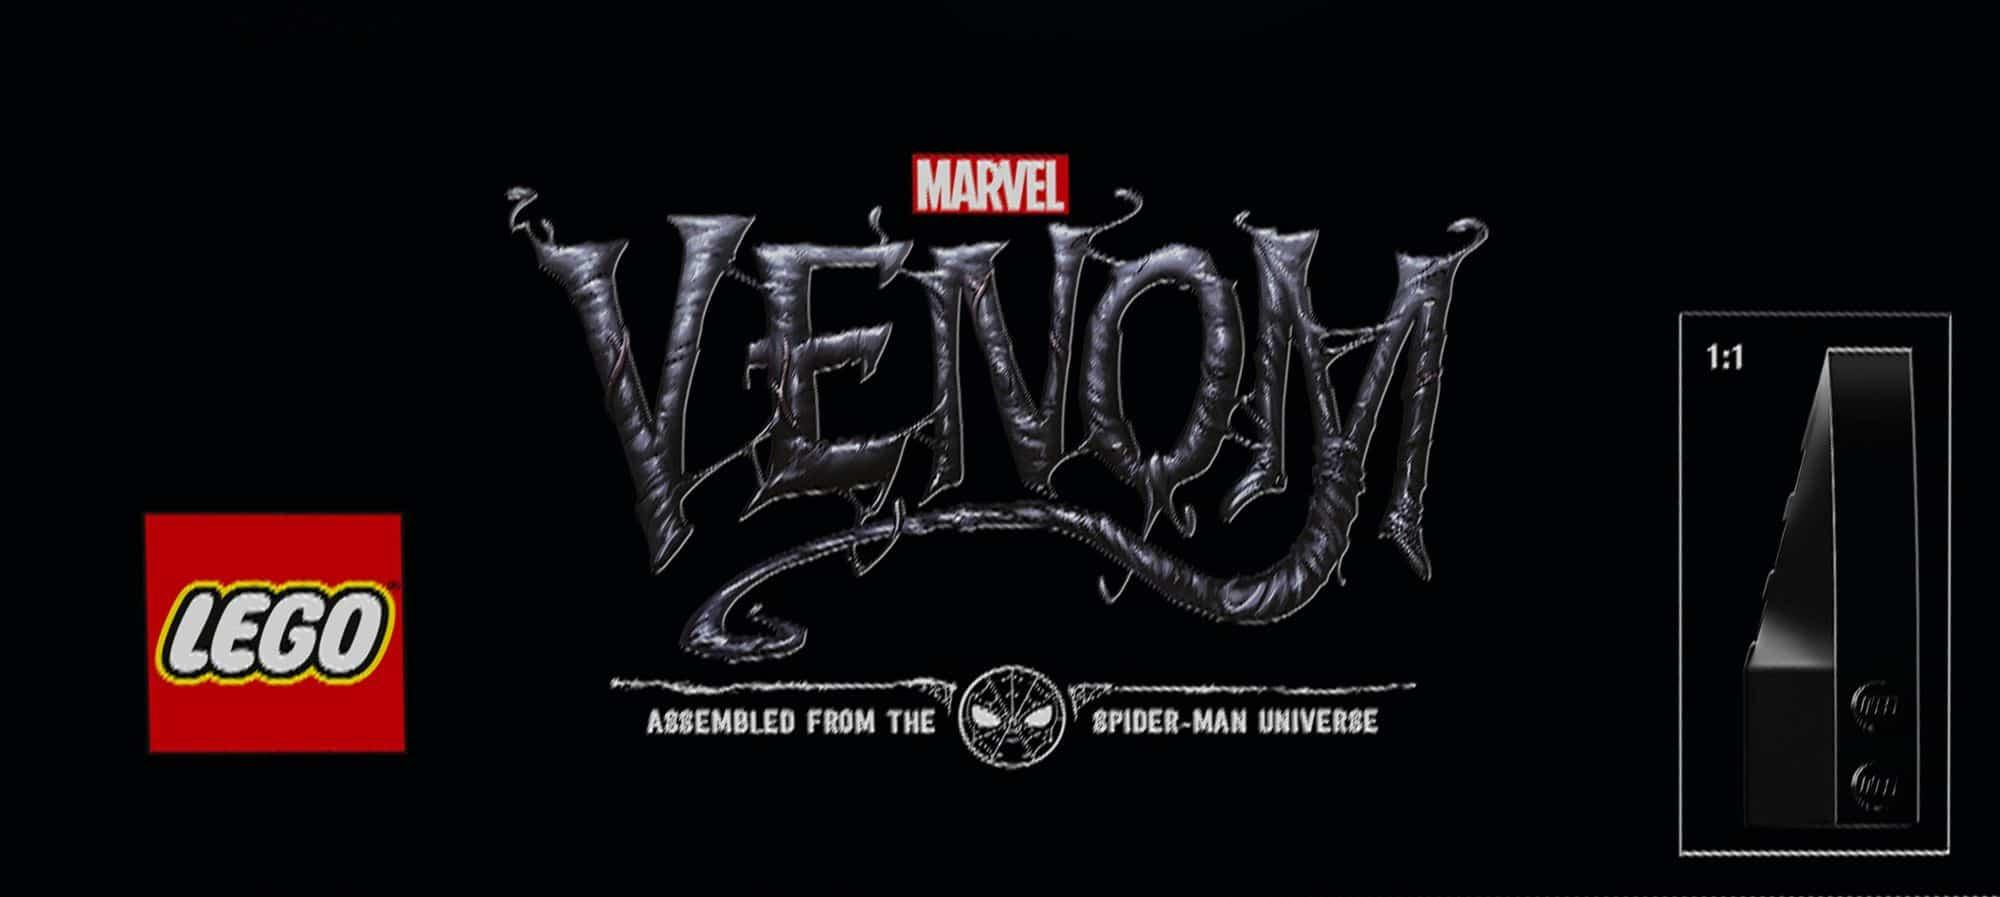 LEGO 76187 Venom Oberseite Bildfehler Carnage